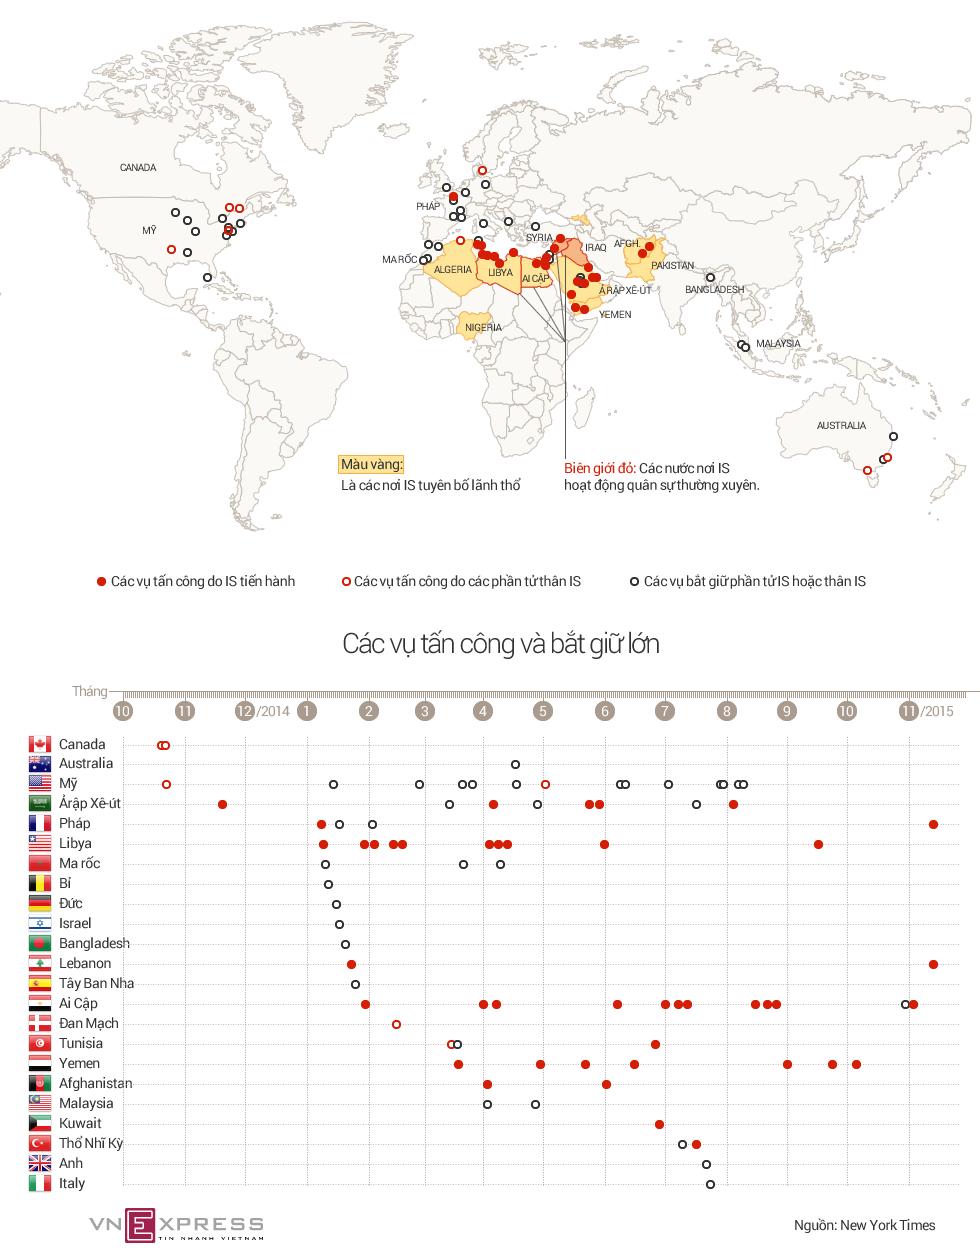 Mức độ hoành hành của Nhà nước Hồi giáo trên thế giới